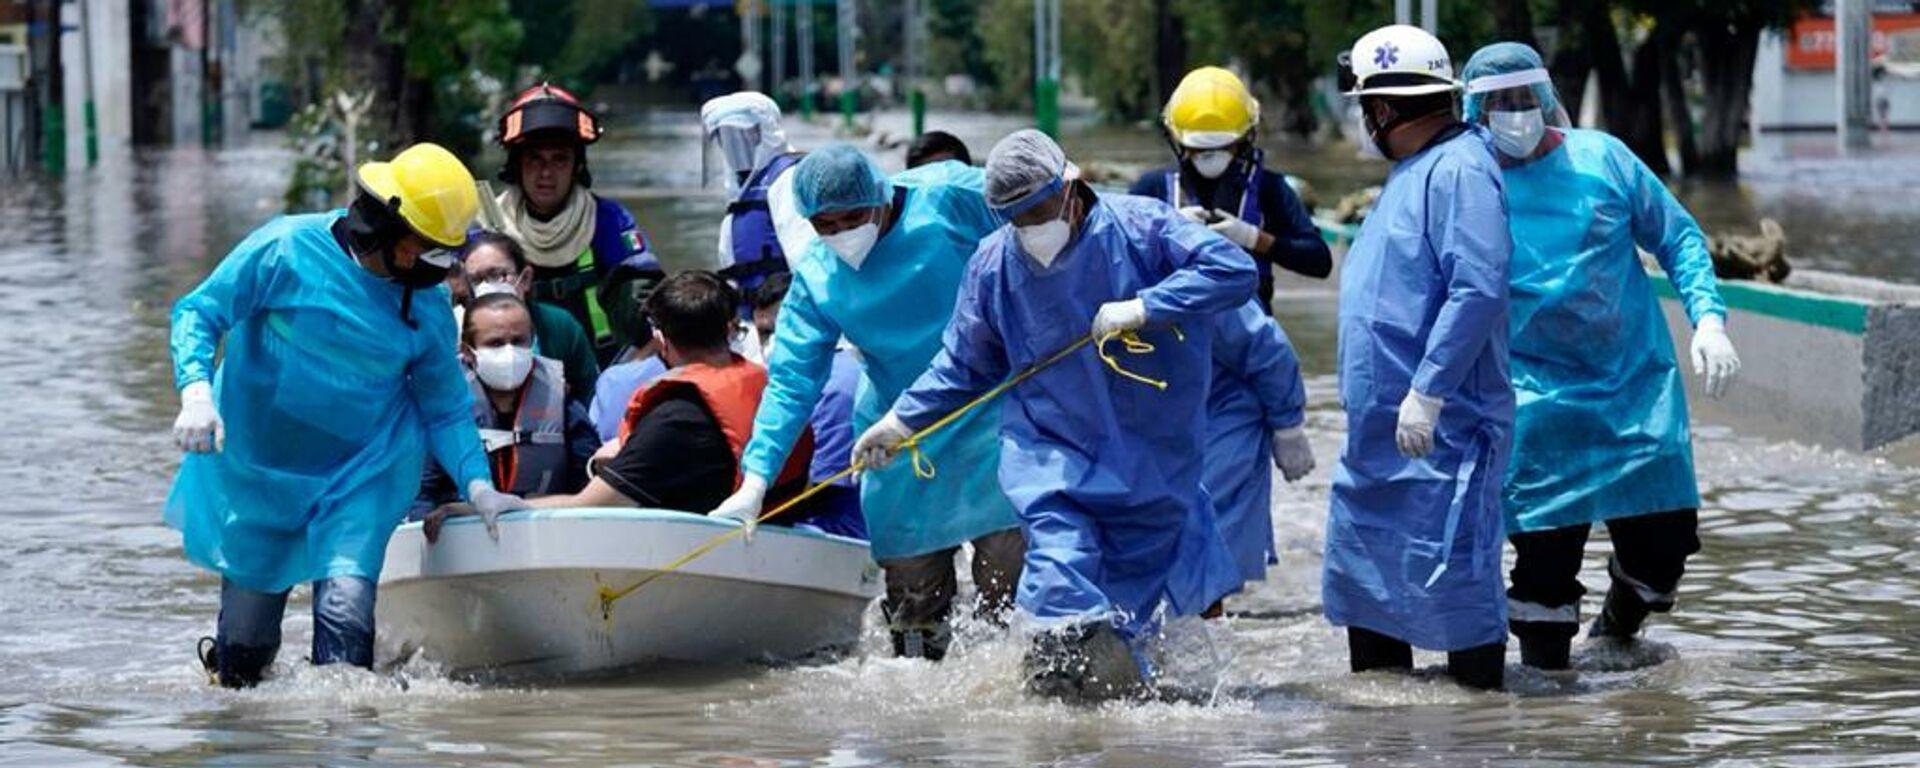 Hospital inundado en Tula, centro de México - Sputnik Mundo, 1920, 07.09.2021